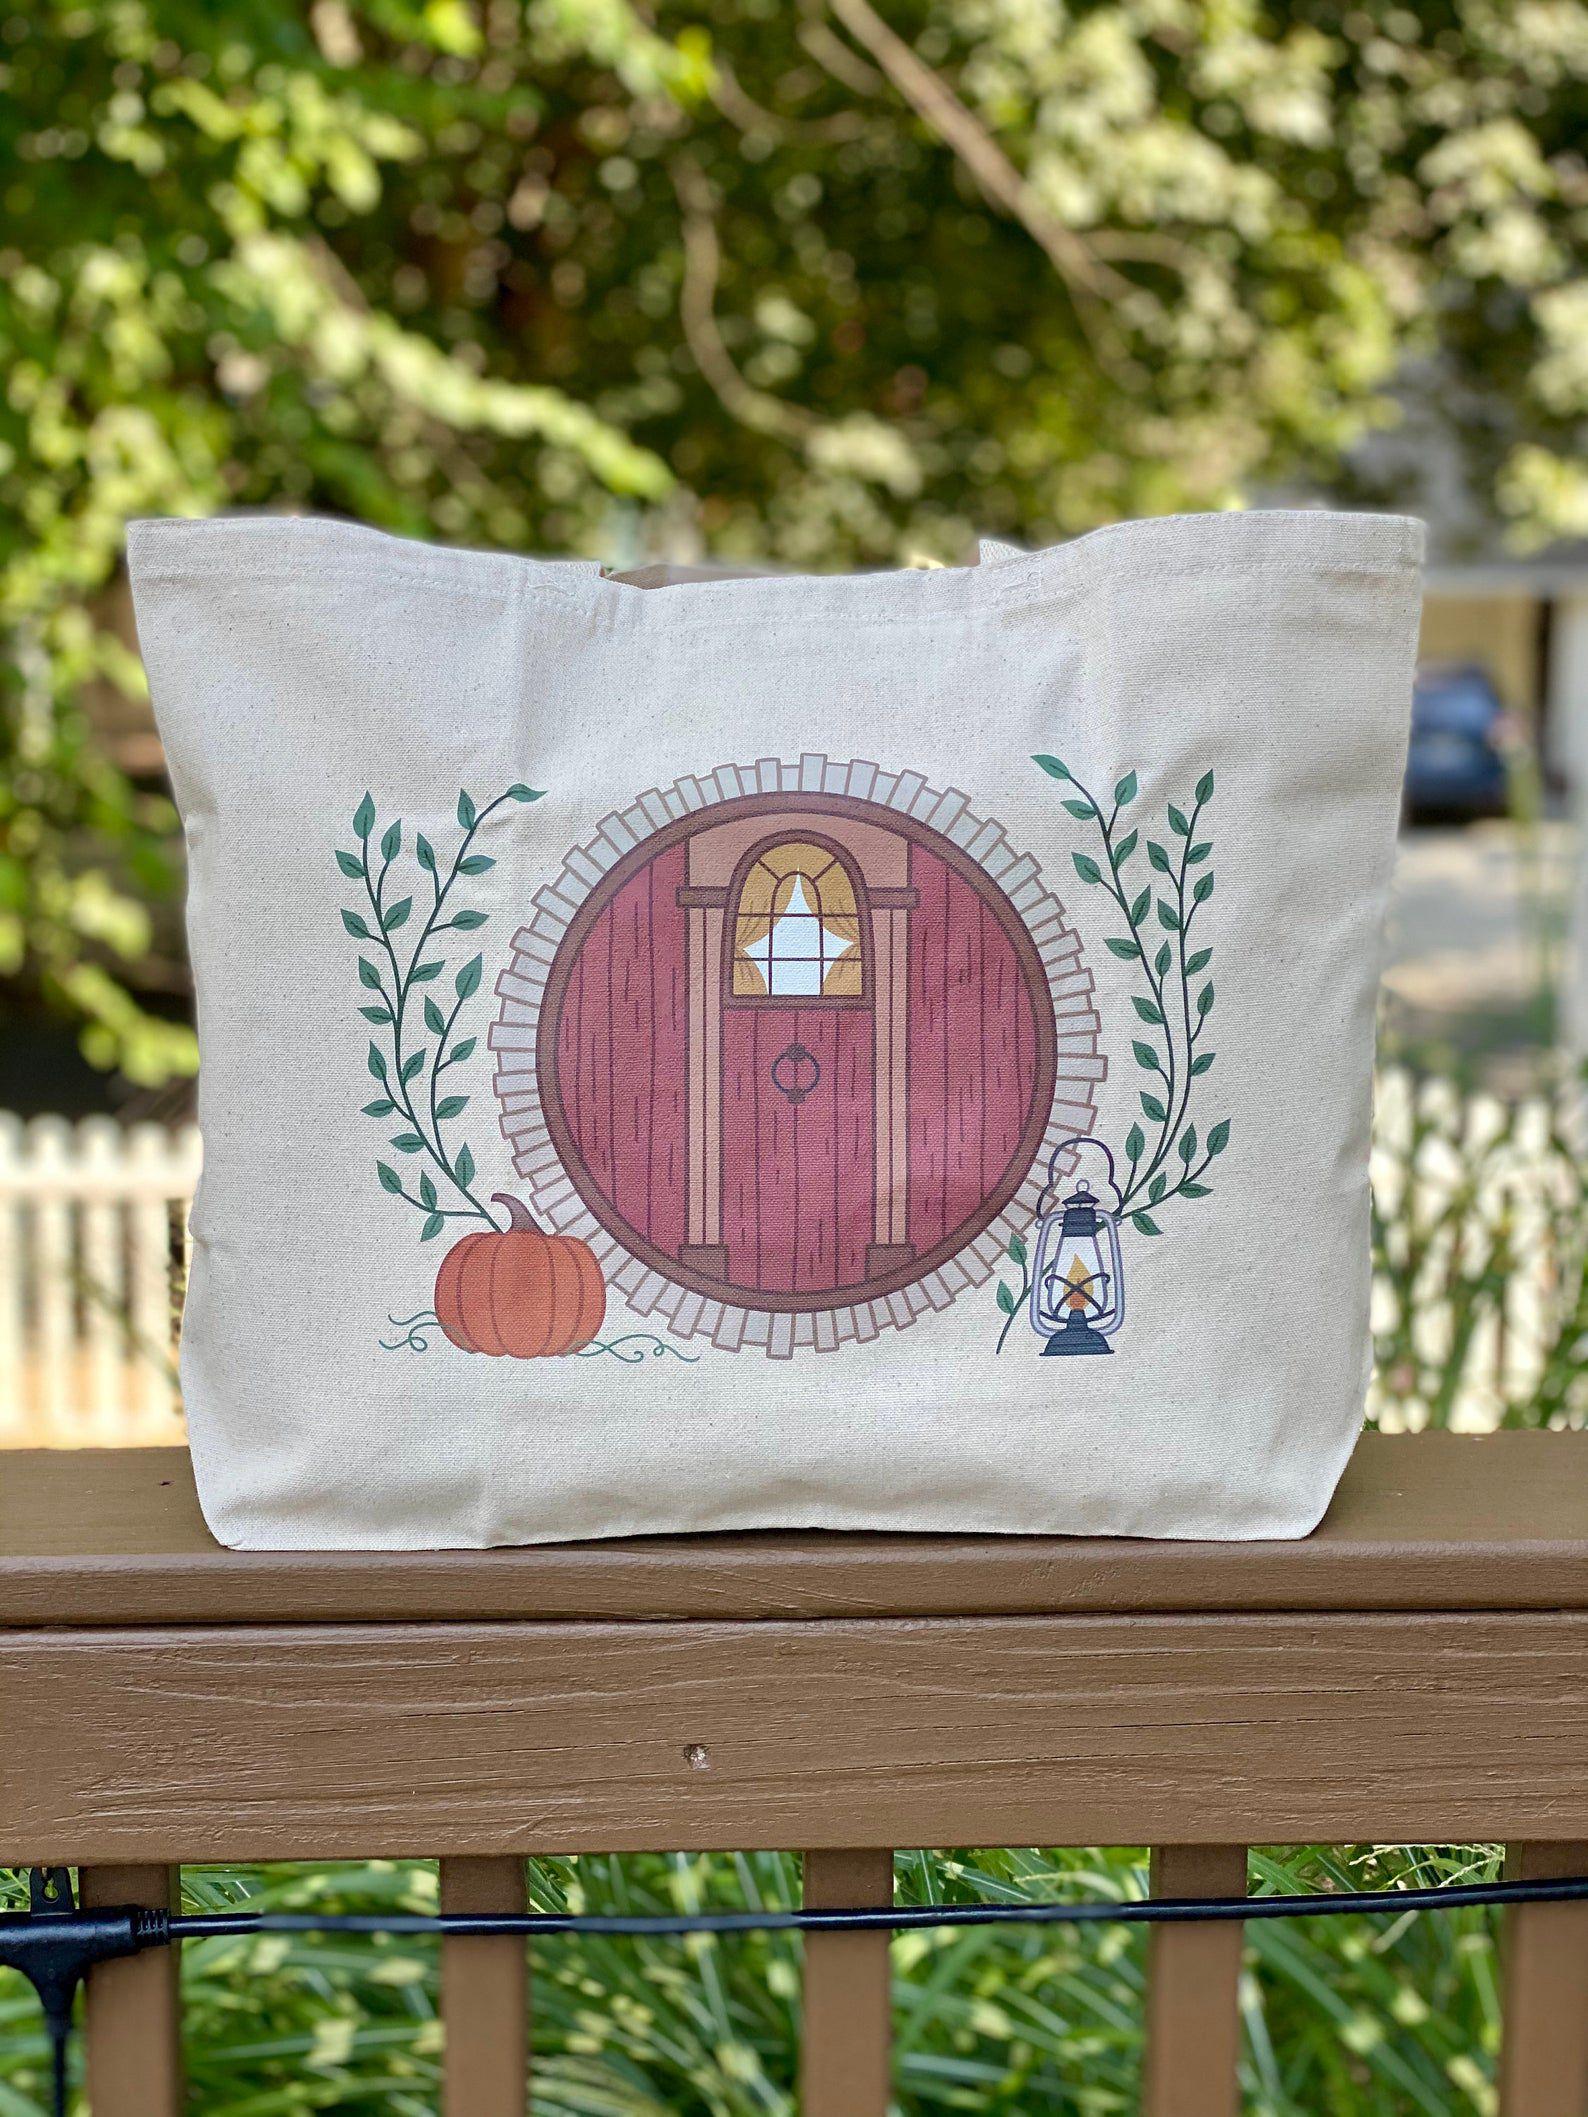 Hobbit hole print tote bag